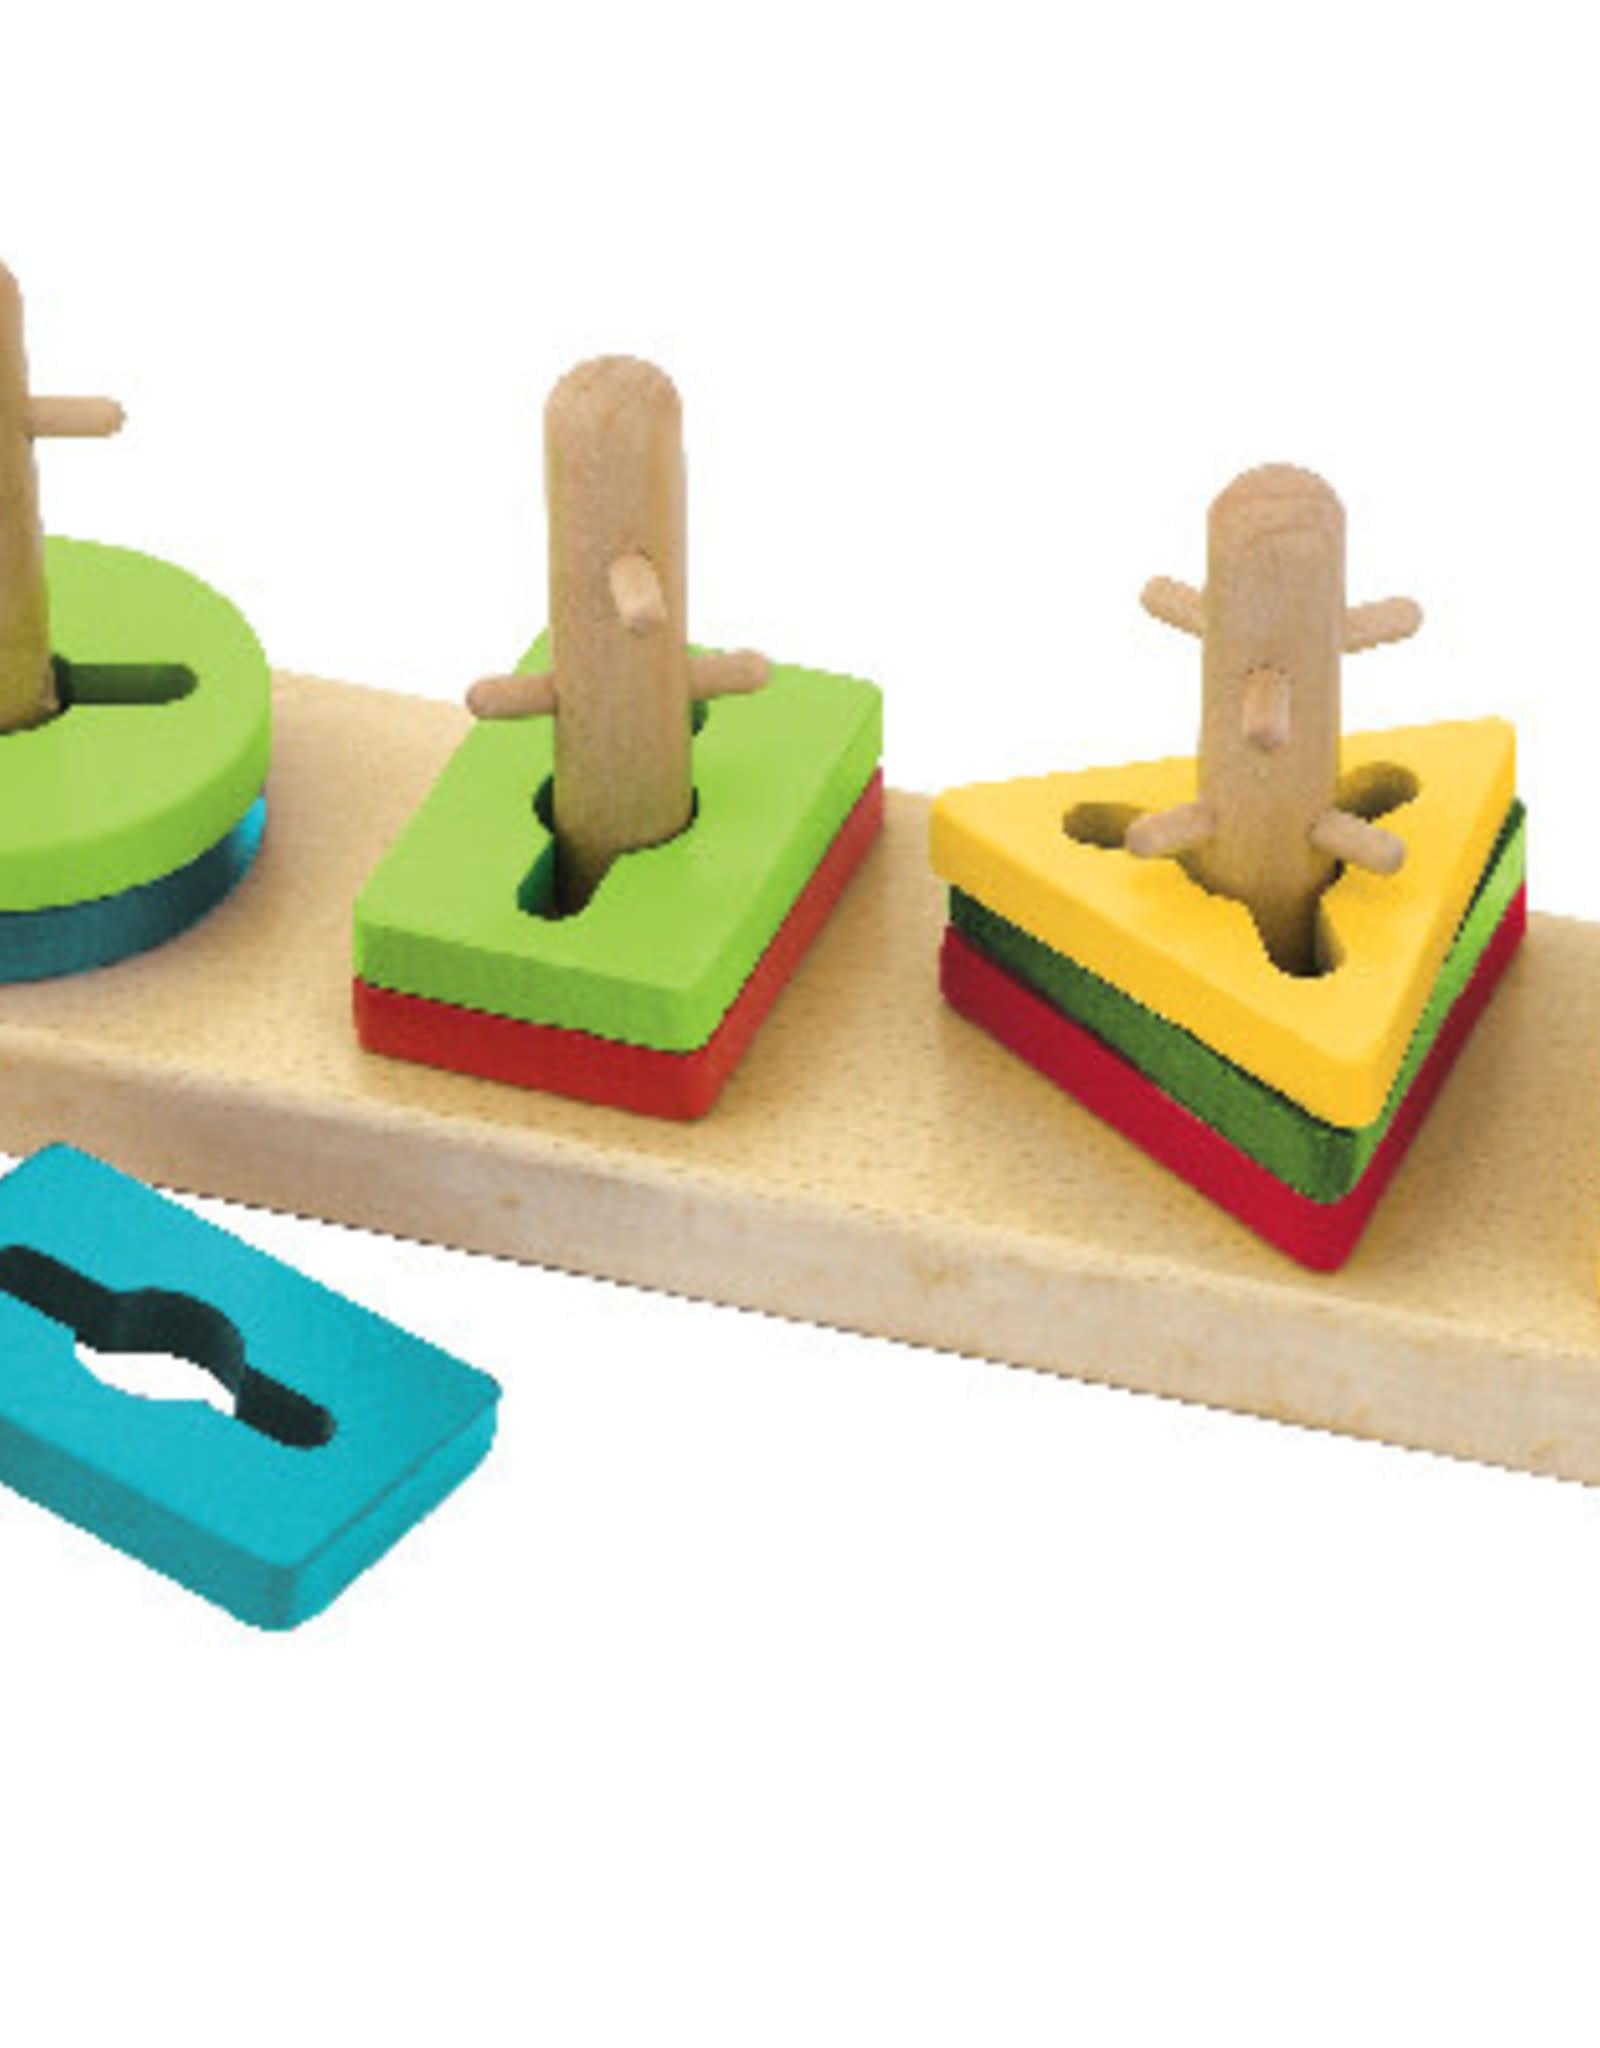 Edushape Crazy Stick Stacking Puzzle